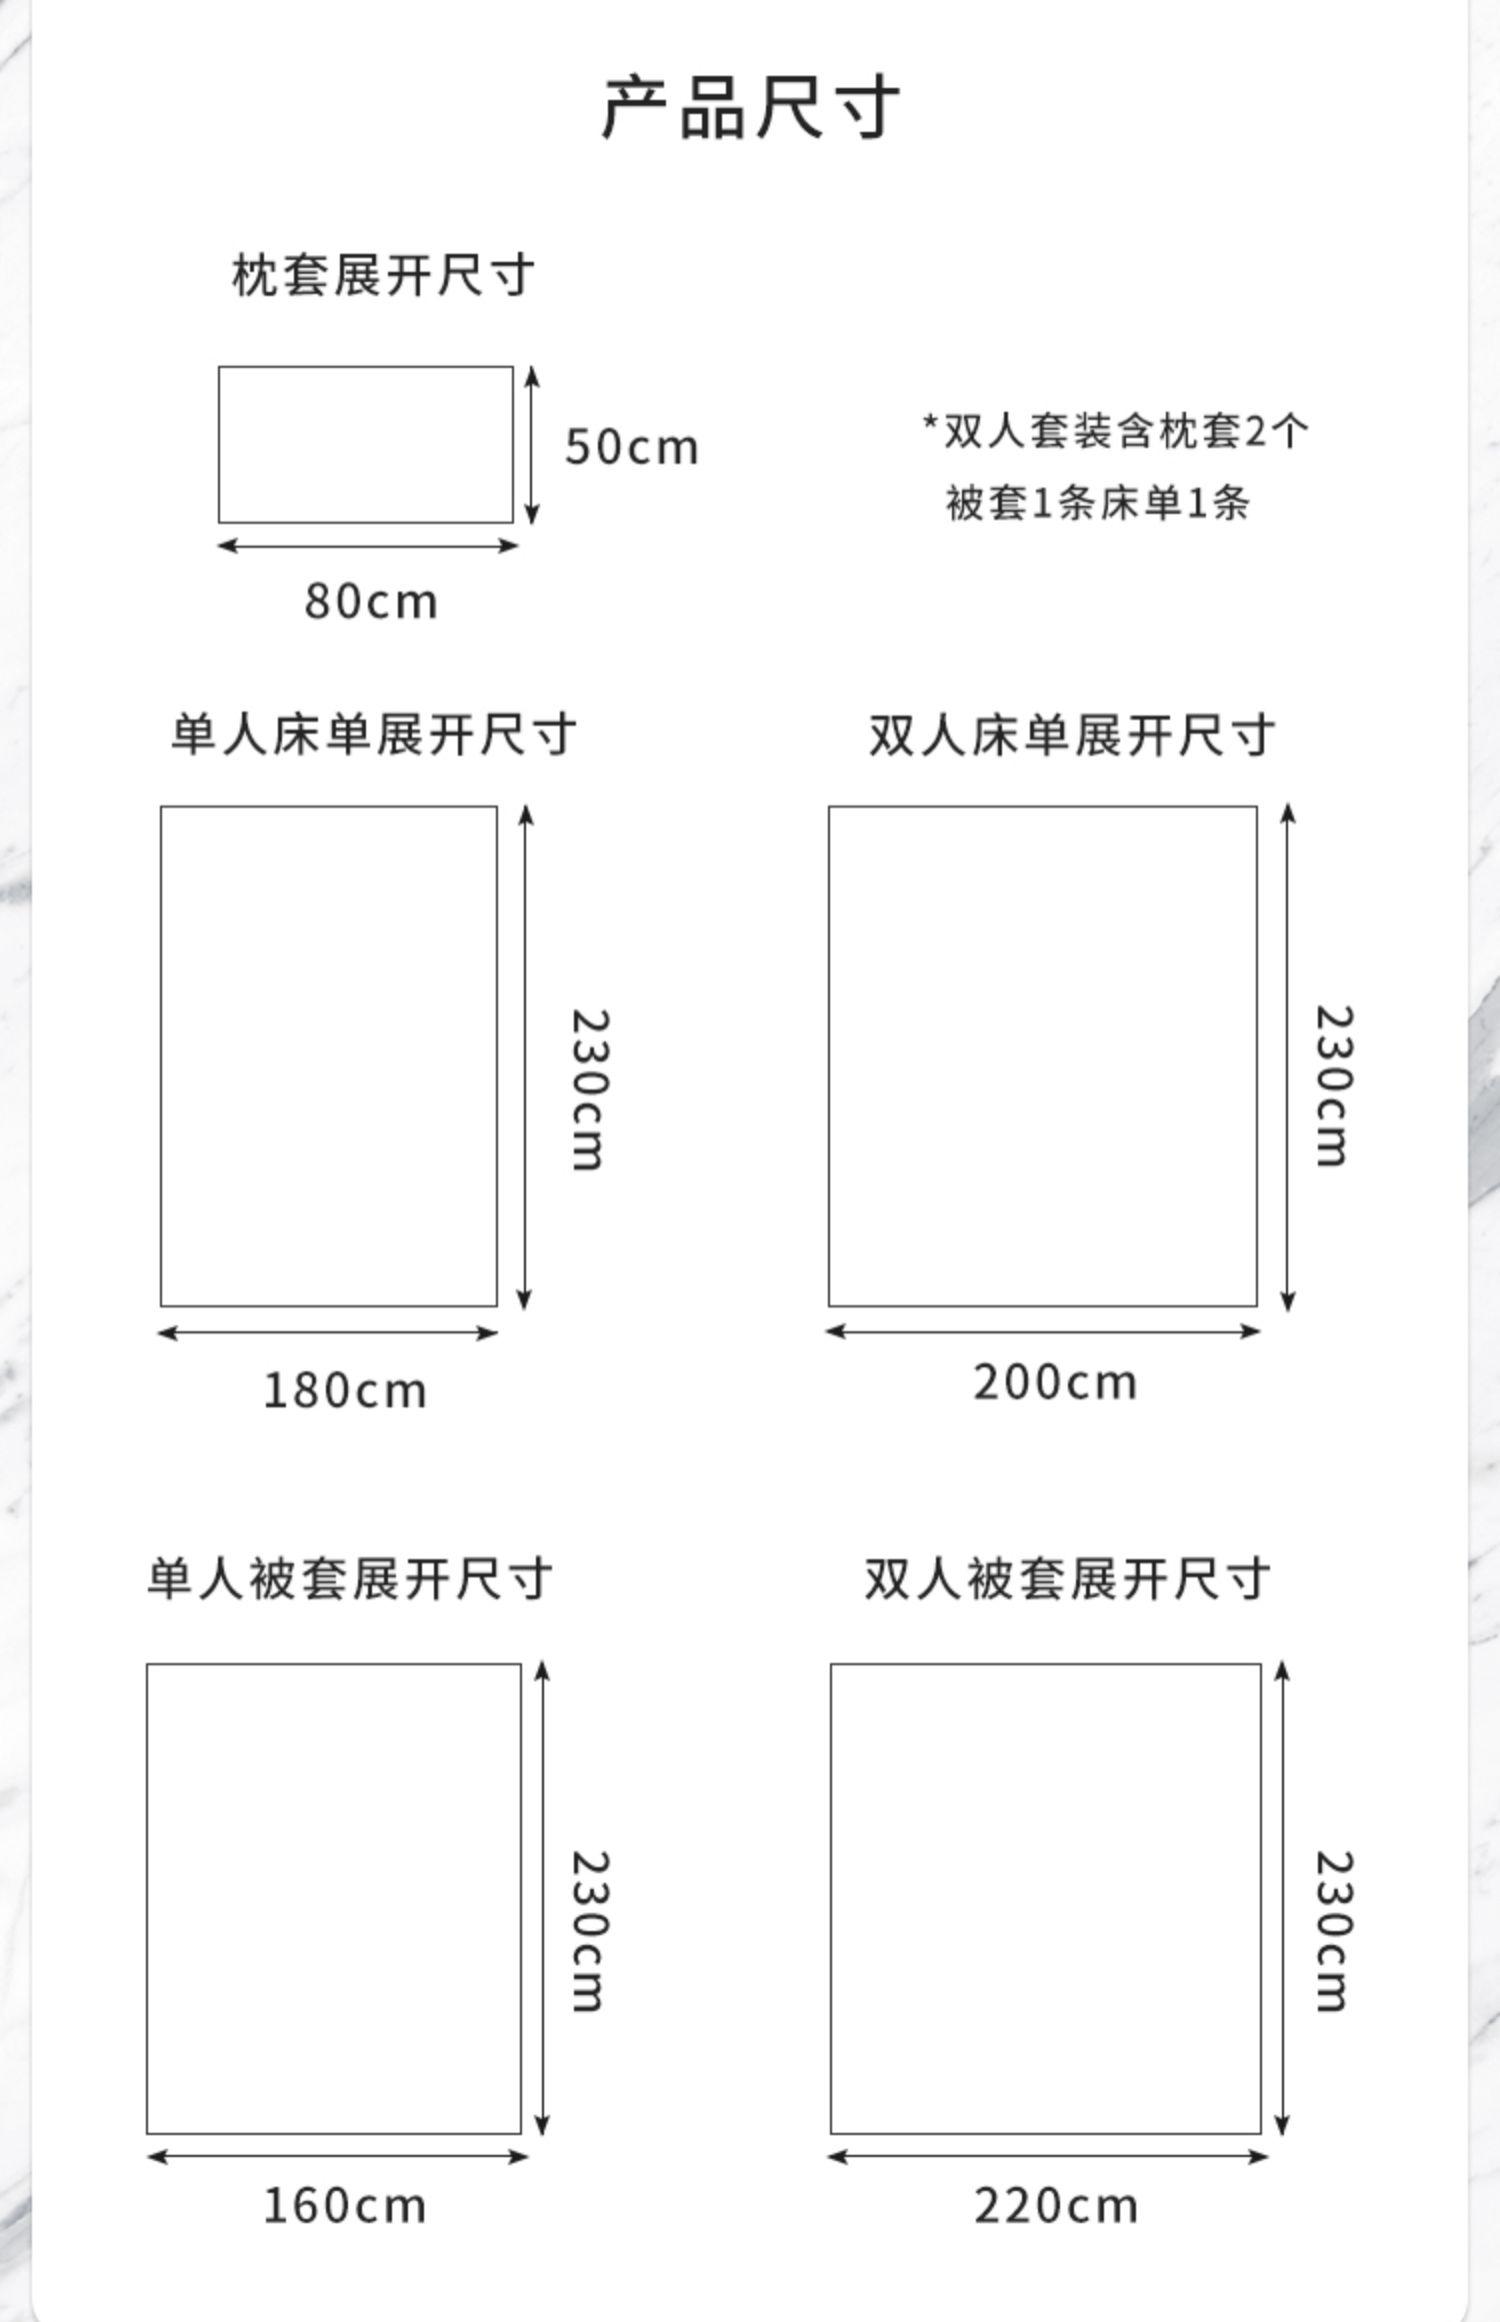 一次性加厚毛巾商品图片-7